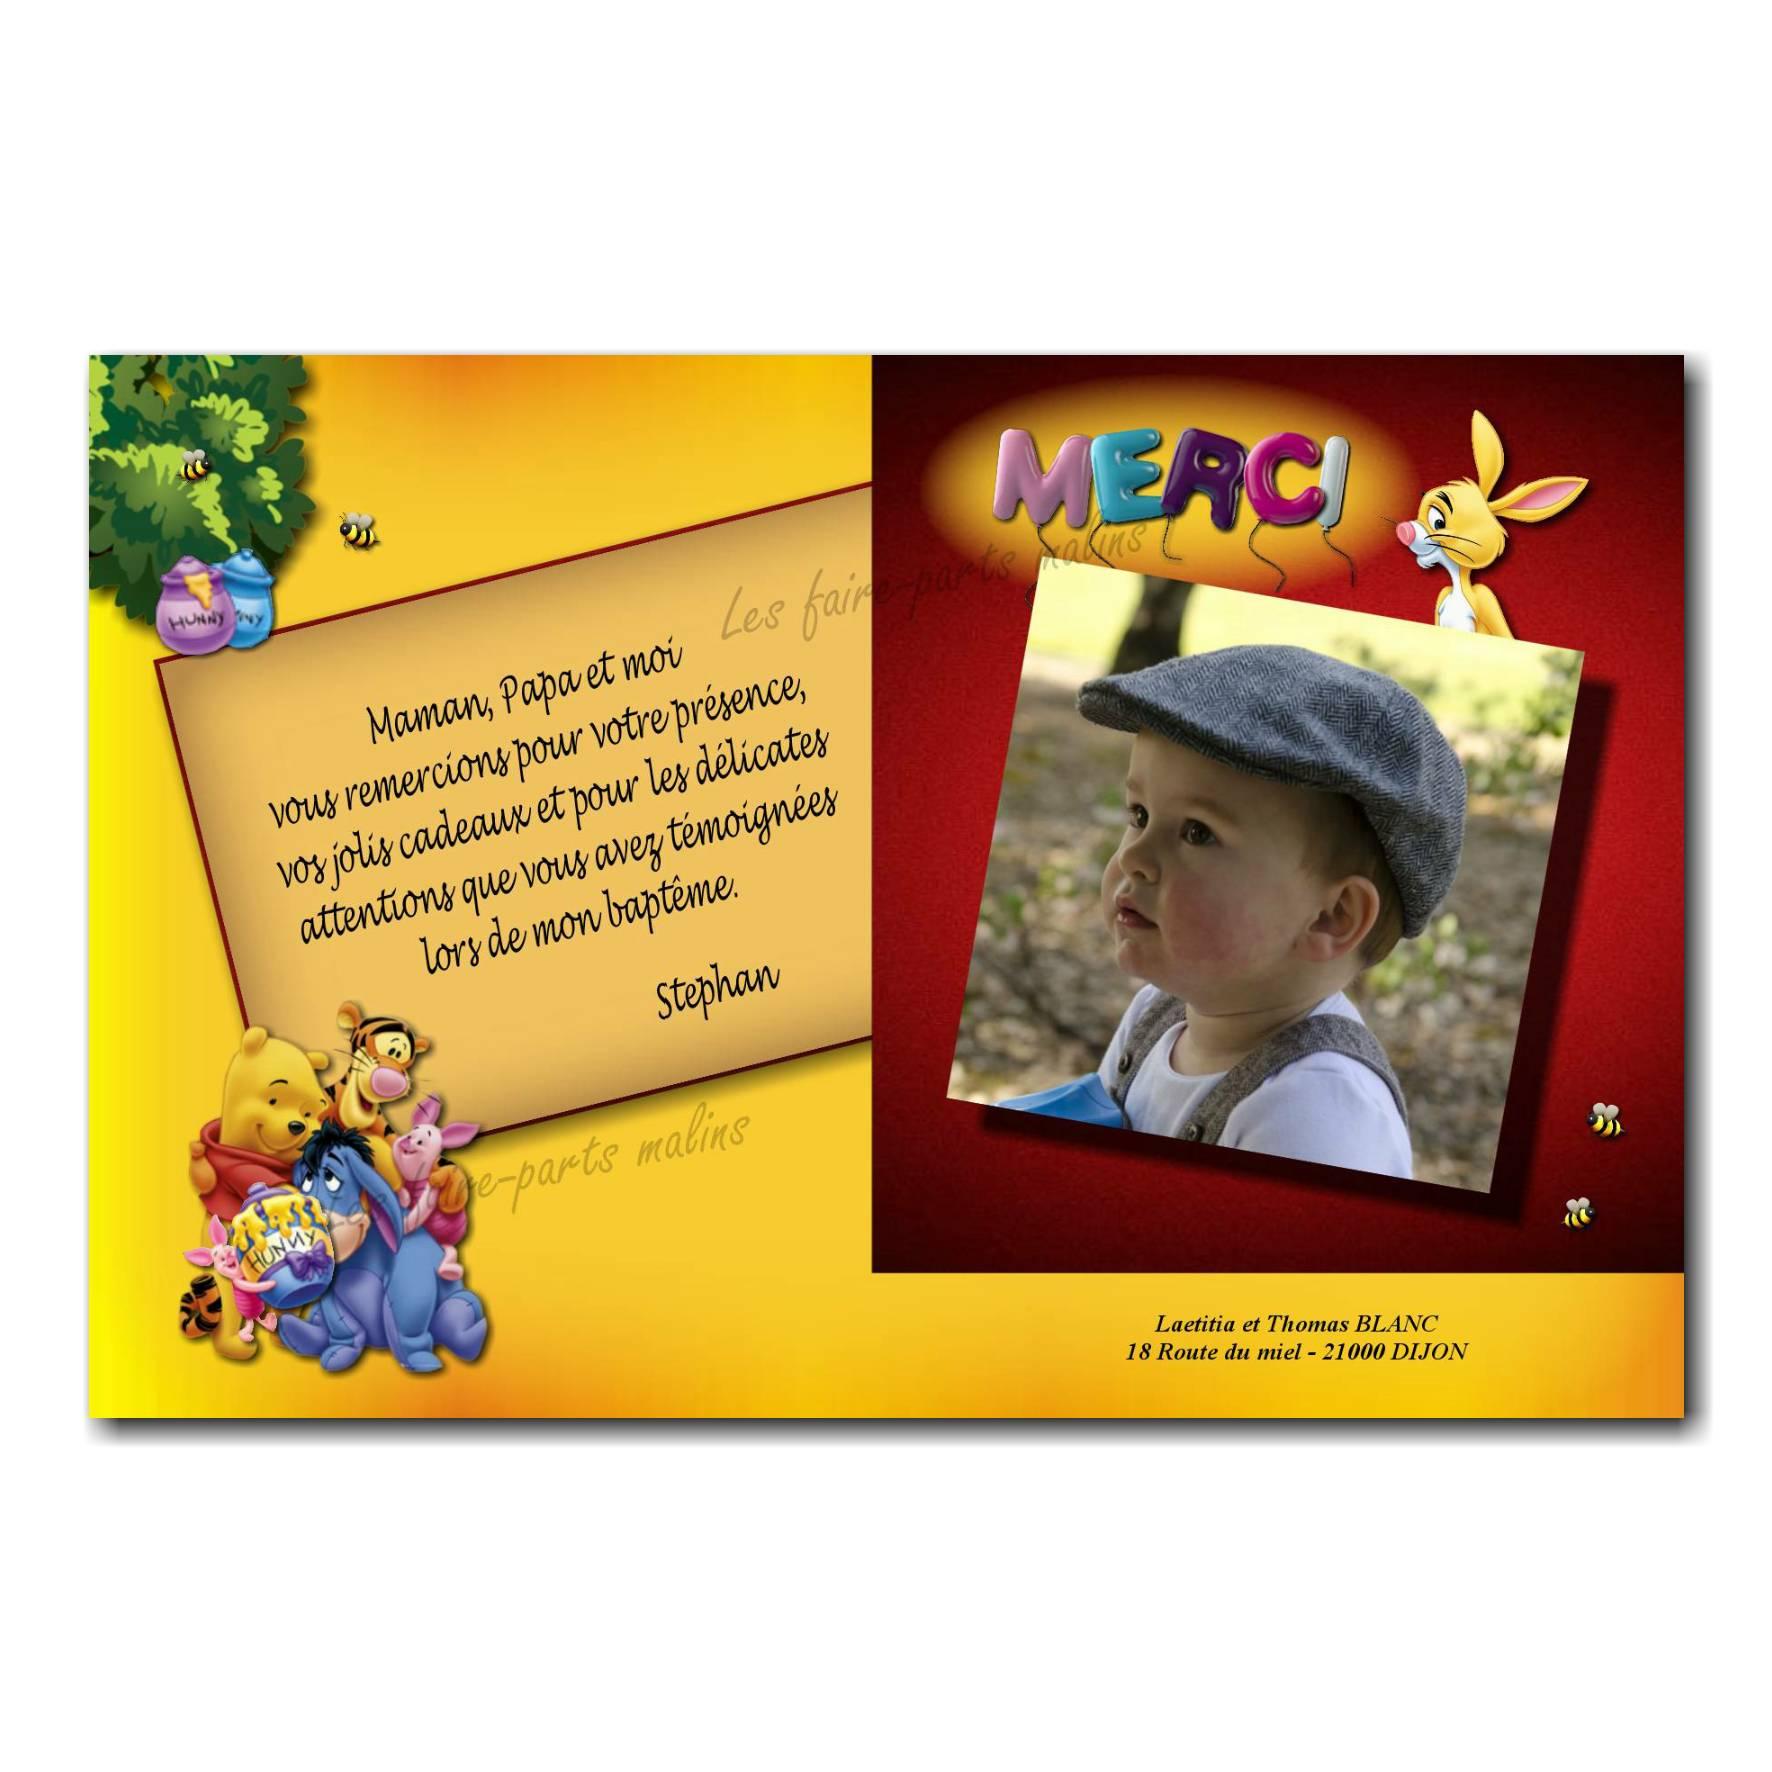 carte de remerciements winnie l'ourson avec miel